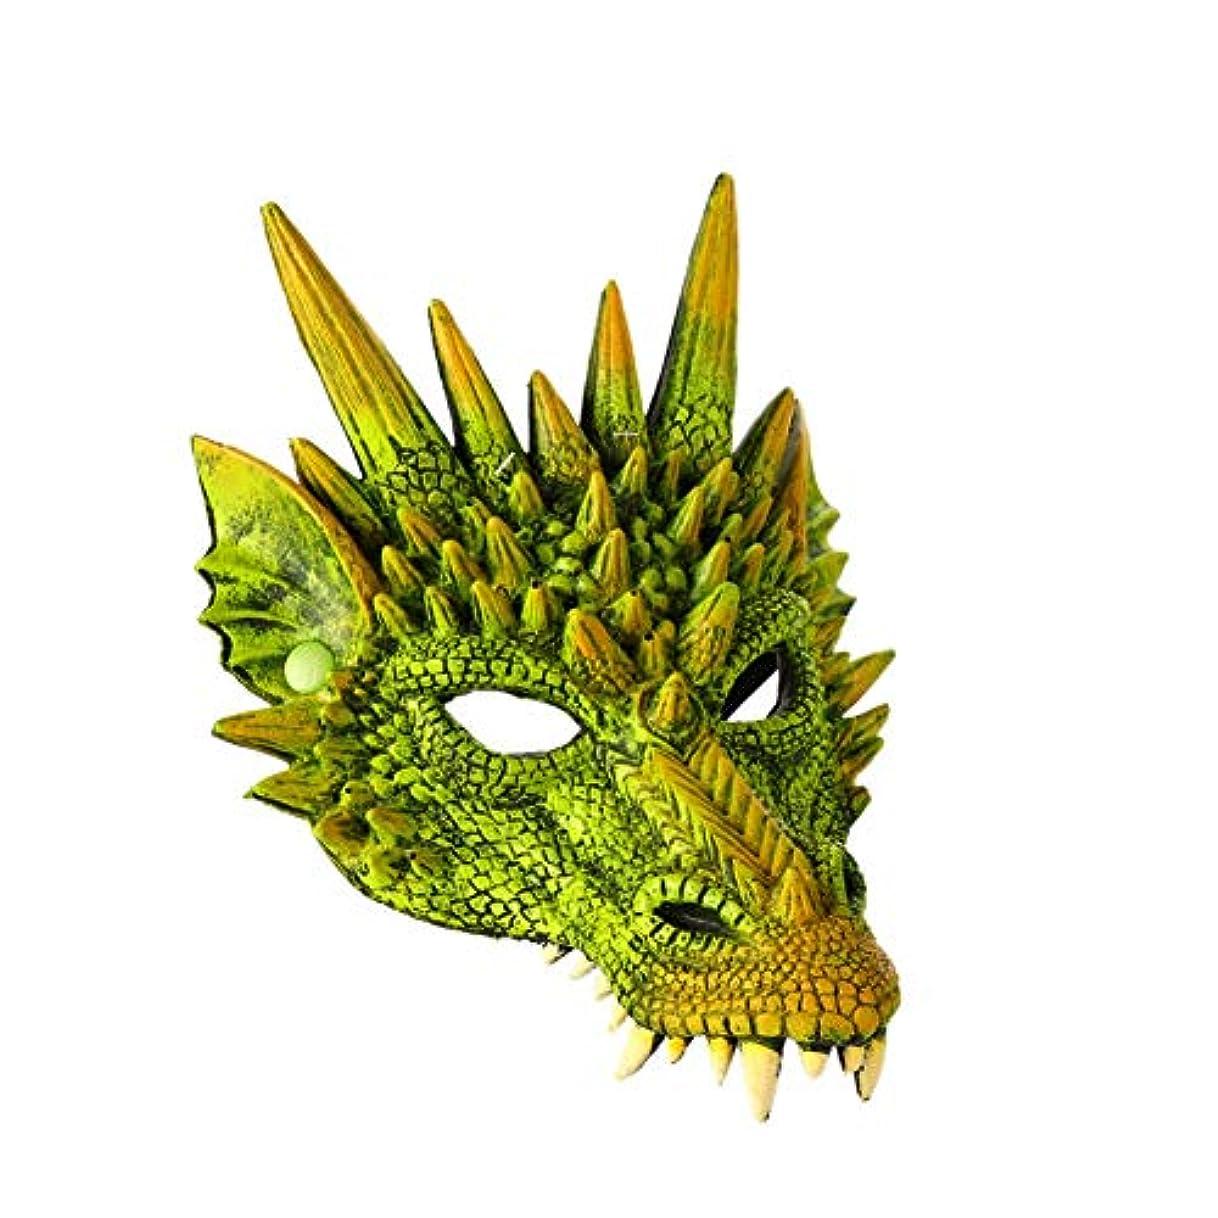 謝罪送信する電気技師Esolom 4Dドラゴンマスク ハーフマスク 10代の子供のためのハロウィンコスチューム パーティーの装飾 テーマパーティー用品 ドラゴンコスプレ小道具